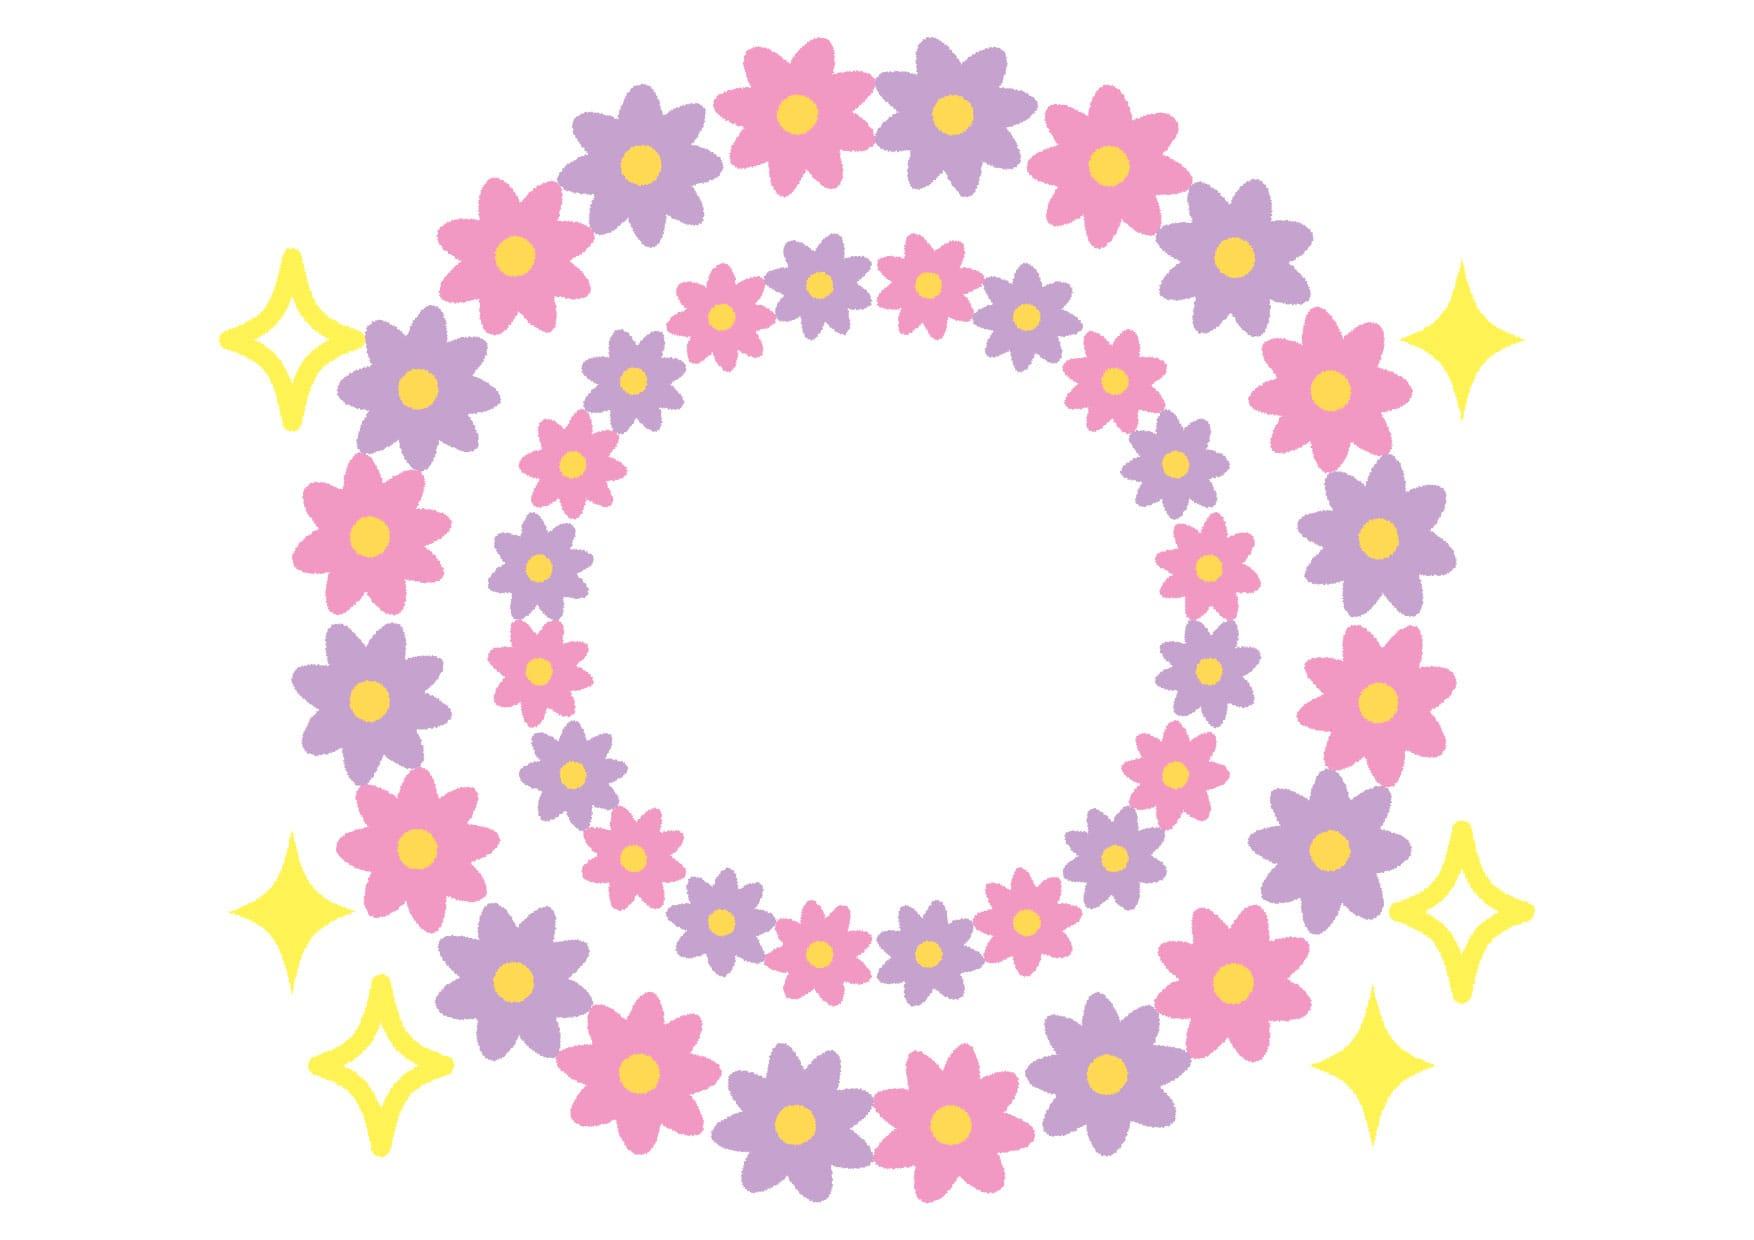 花 フレーム 紫色 キラキラ イラスト 無料